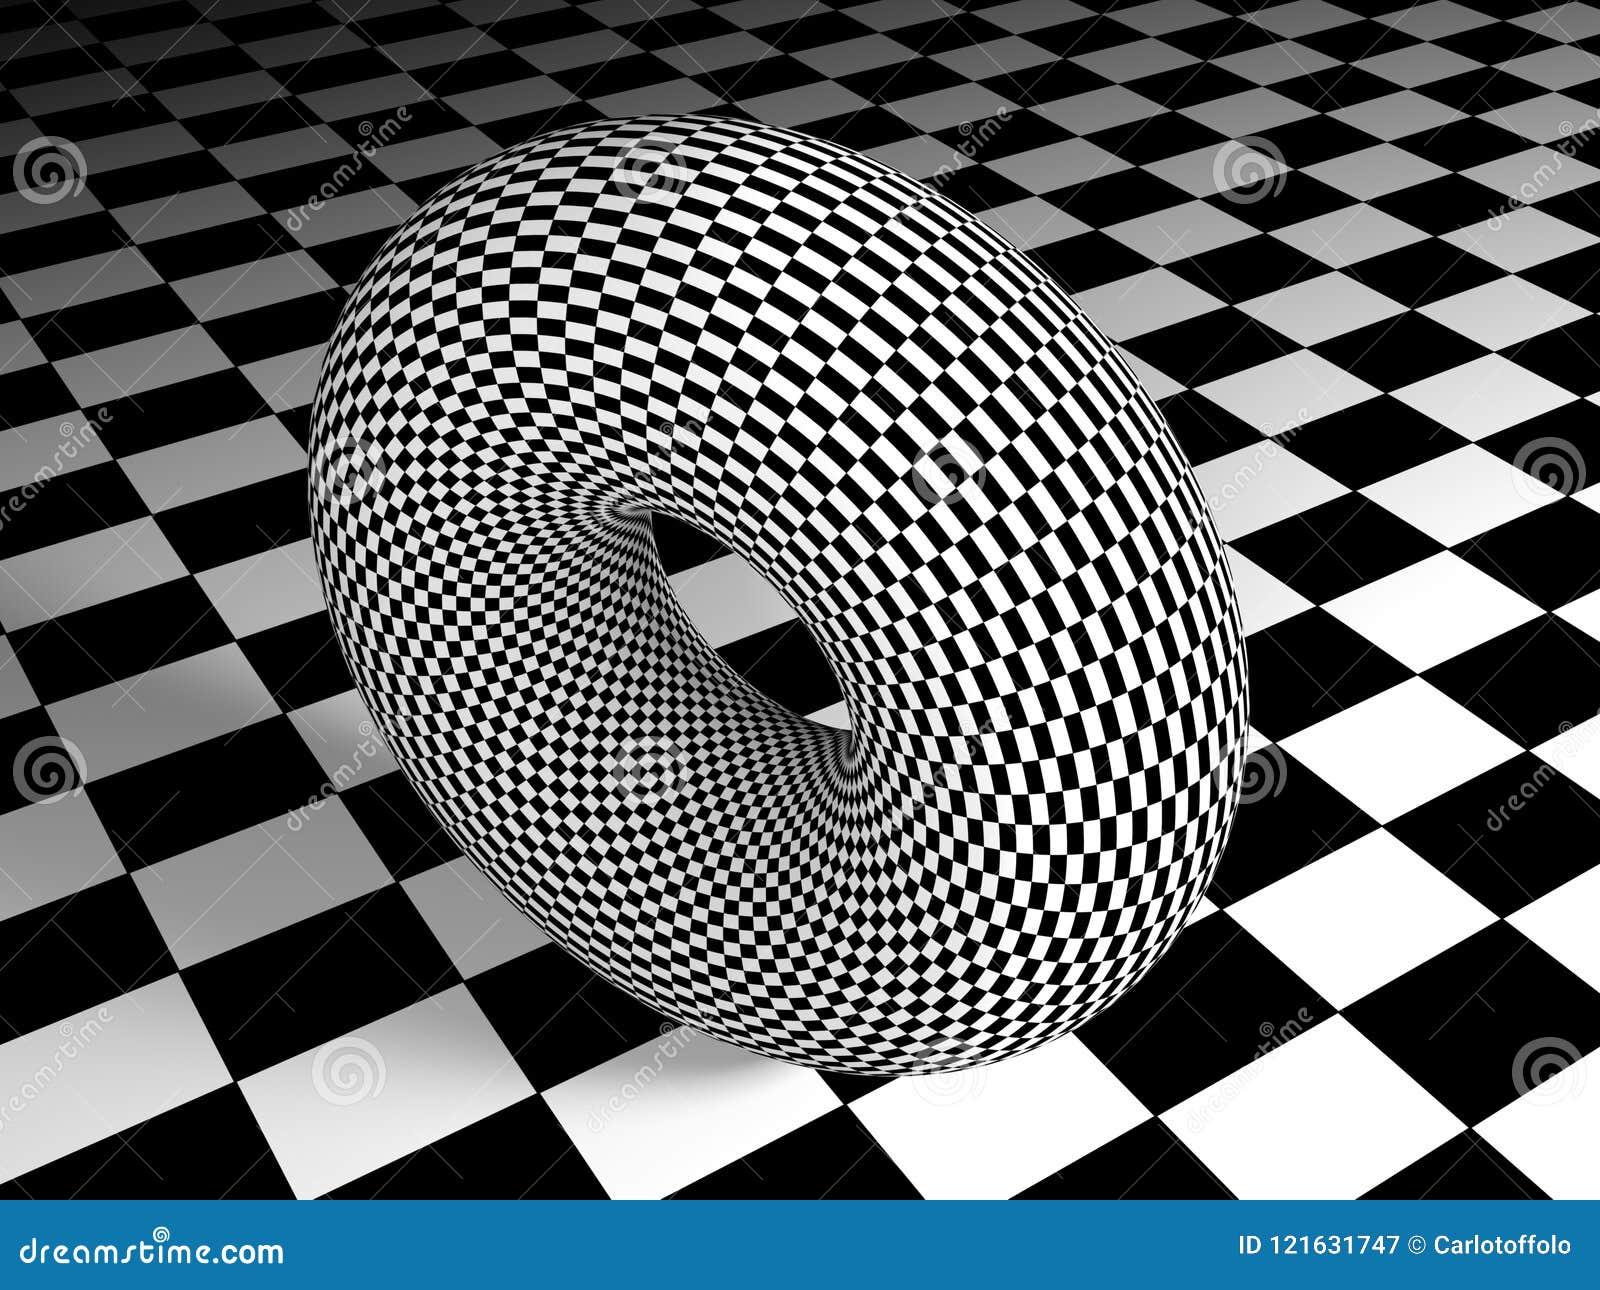 Toro Textured na superfície textured - rendição 3D